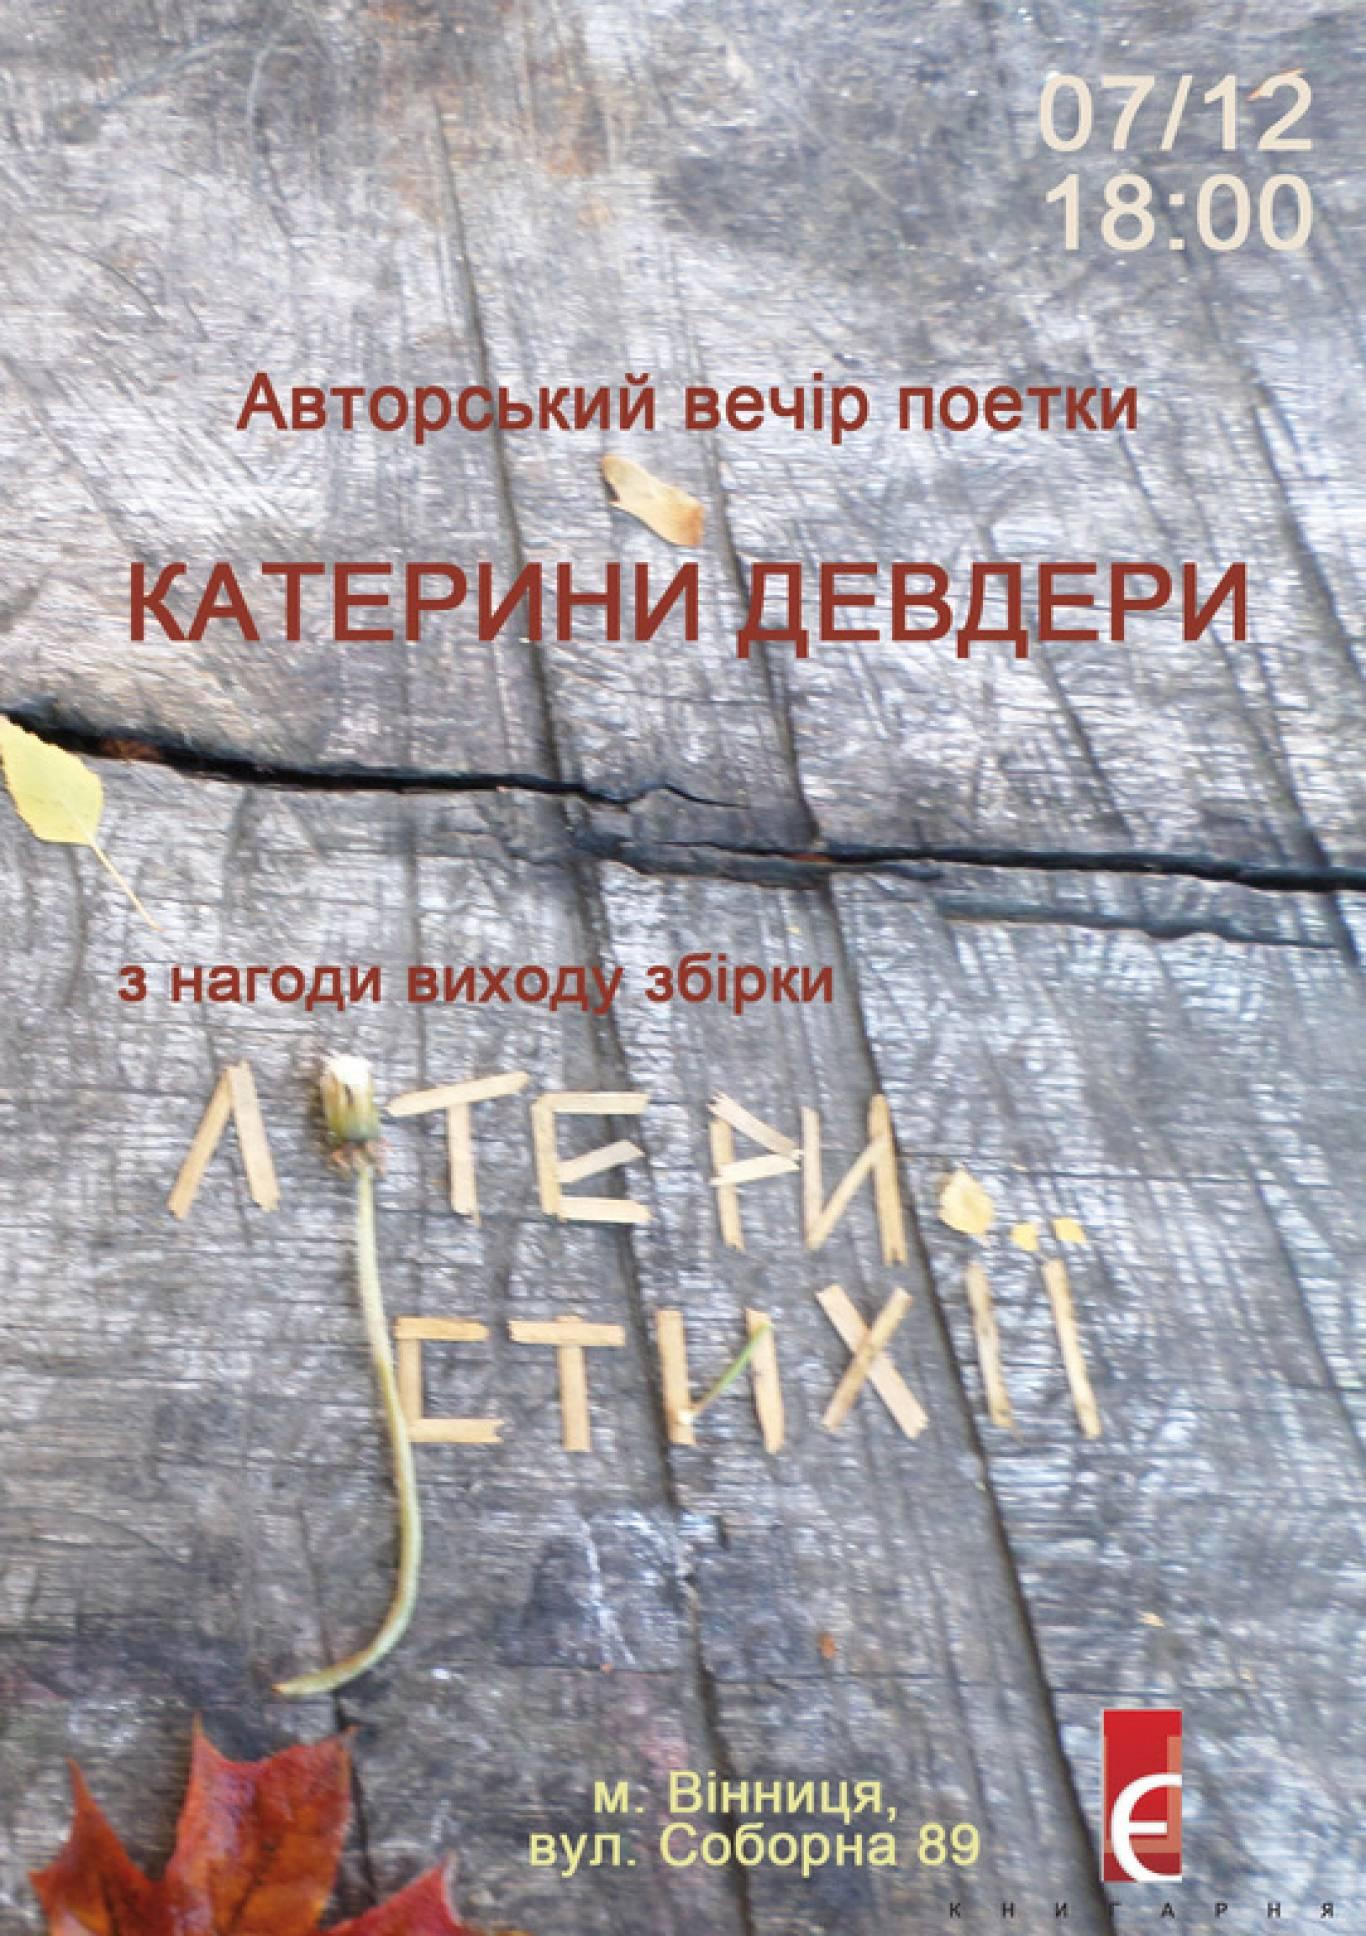 Авторський вечір Катерини Девдери